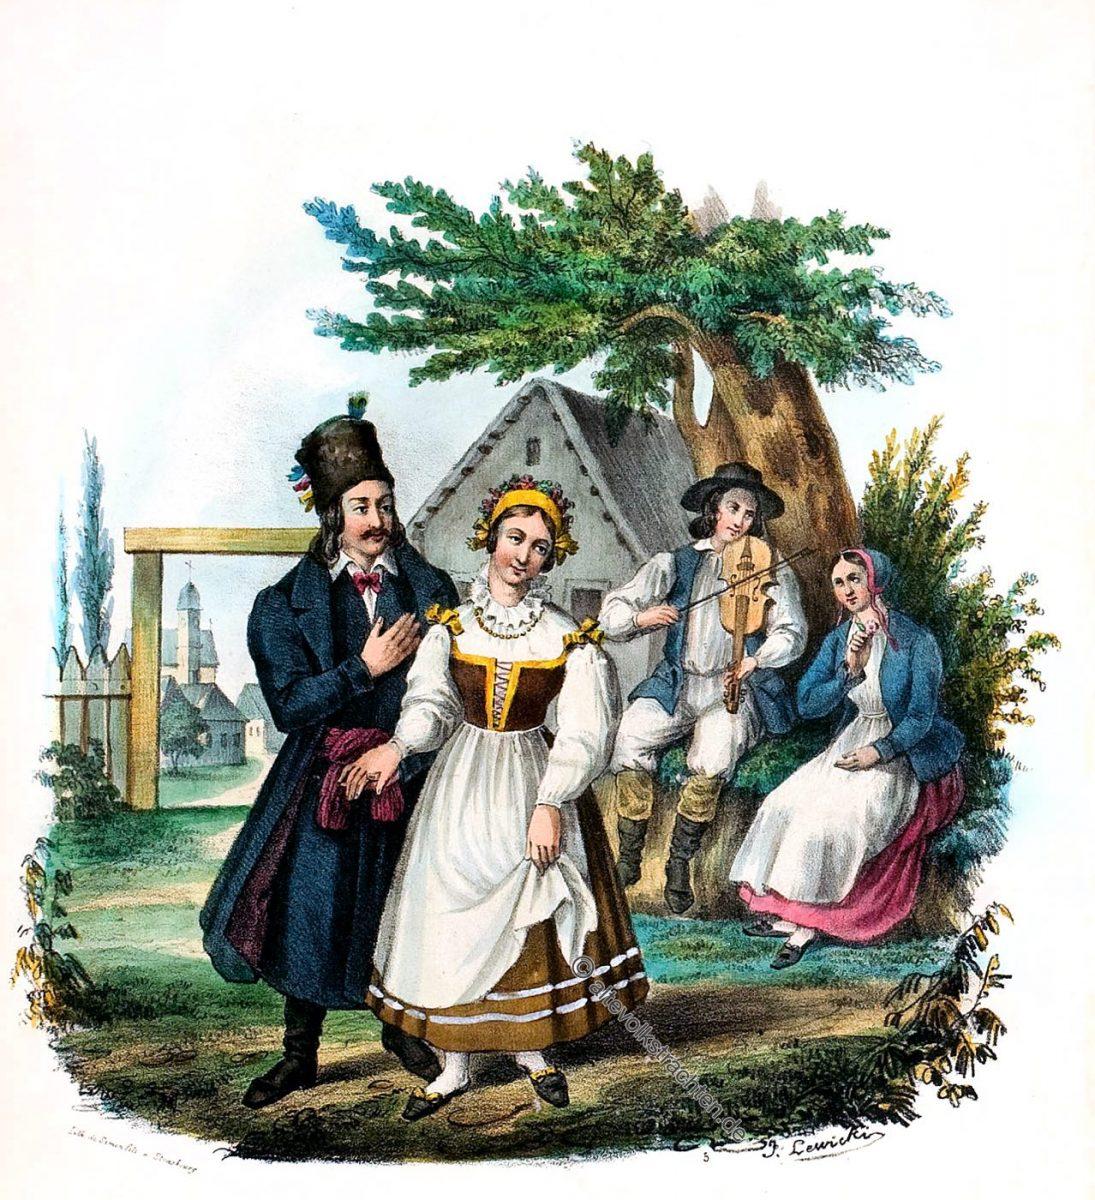 Posen, Poznań, Wielkopolanie, Trachten, Polen, Kostüme, Polonais, Poland,